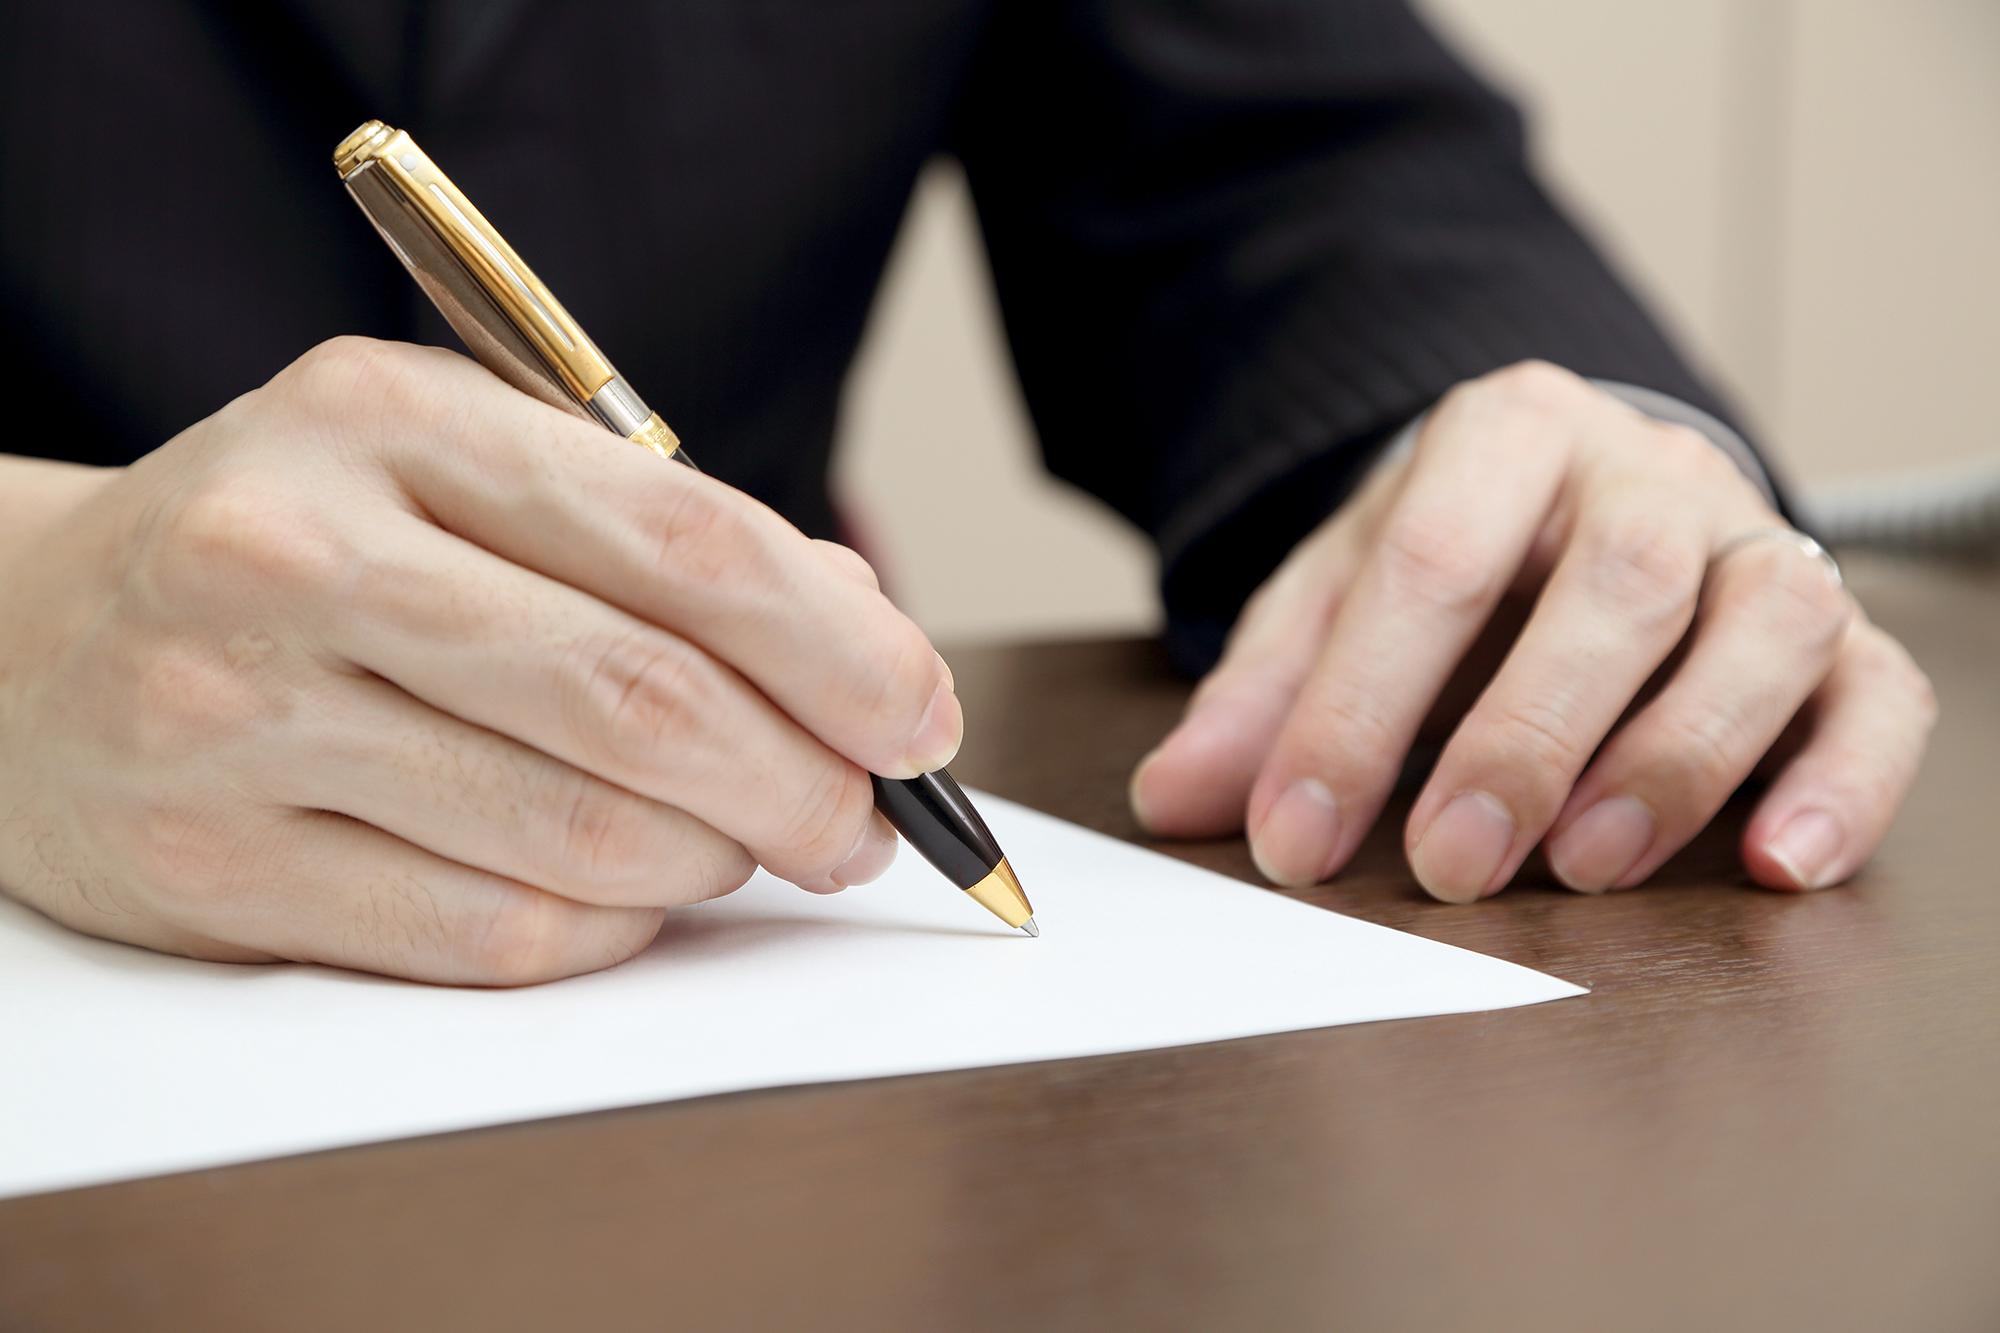 協議の段階から弁護士に依頼すべき3つの理由